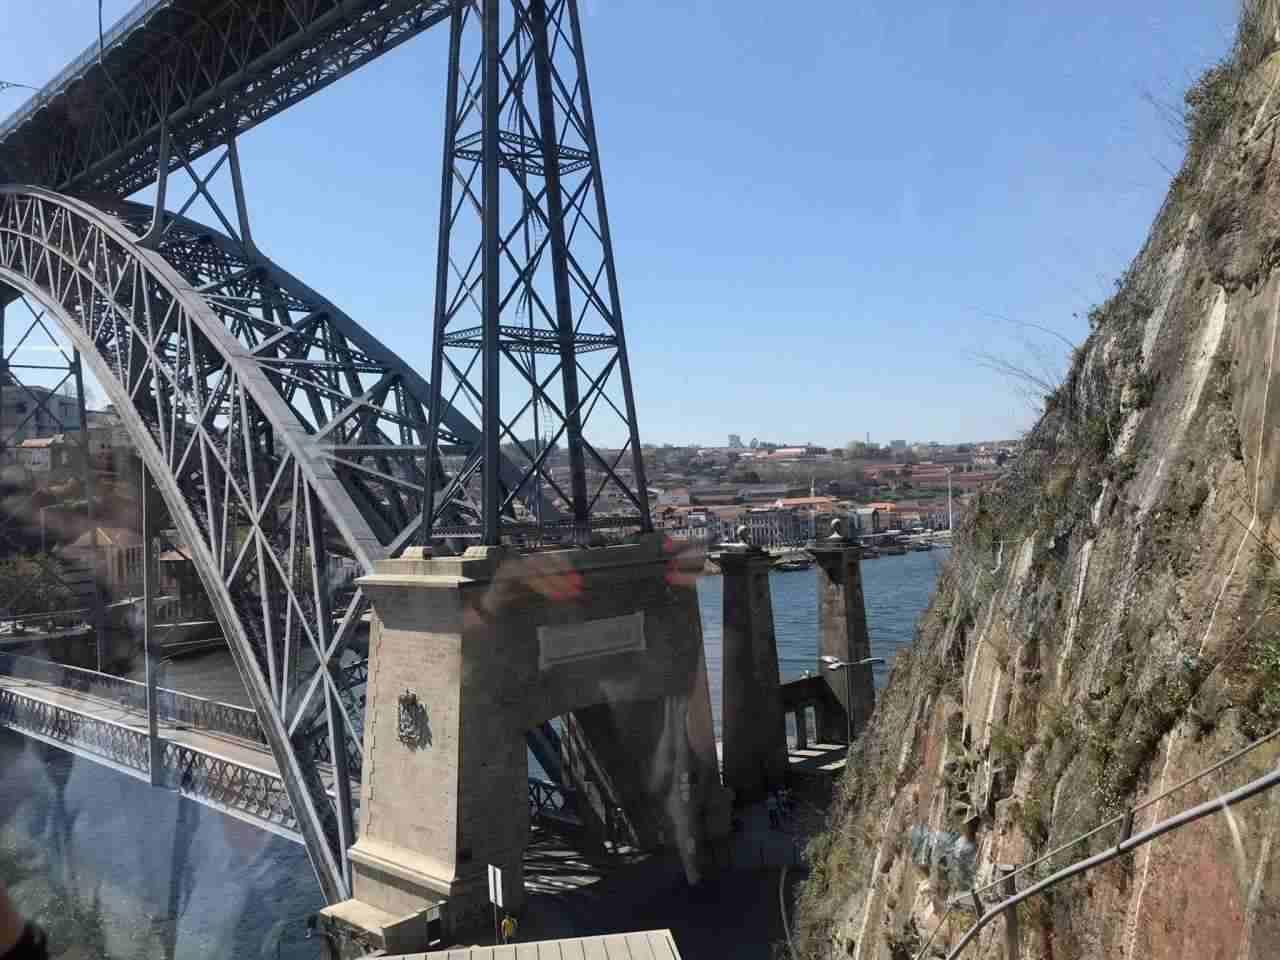 Vista subida no Funicular dos Guindais - O que fazer em Porto Portugal